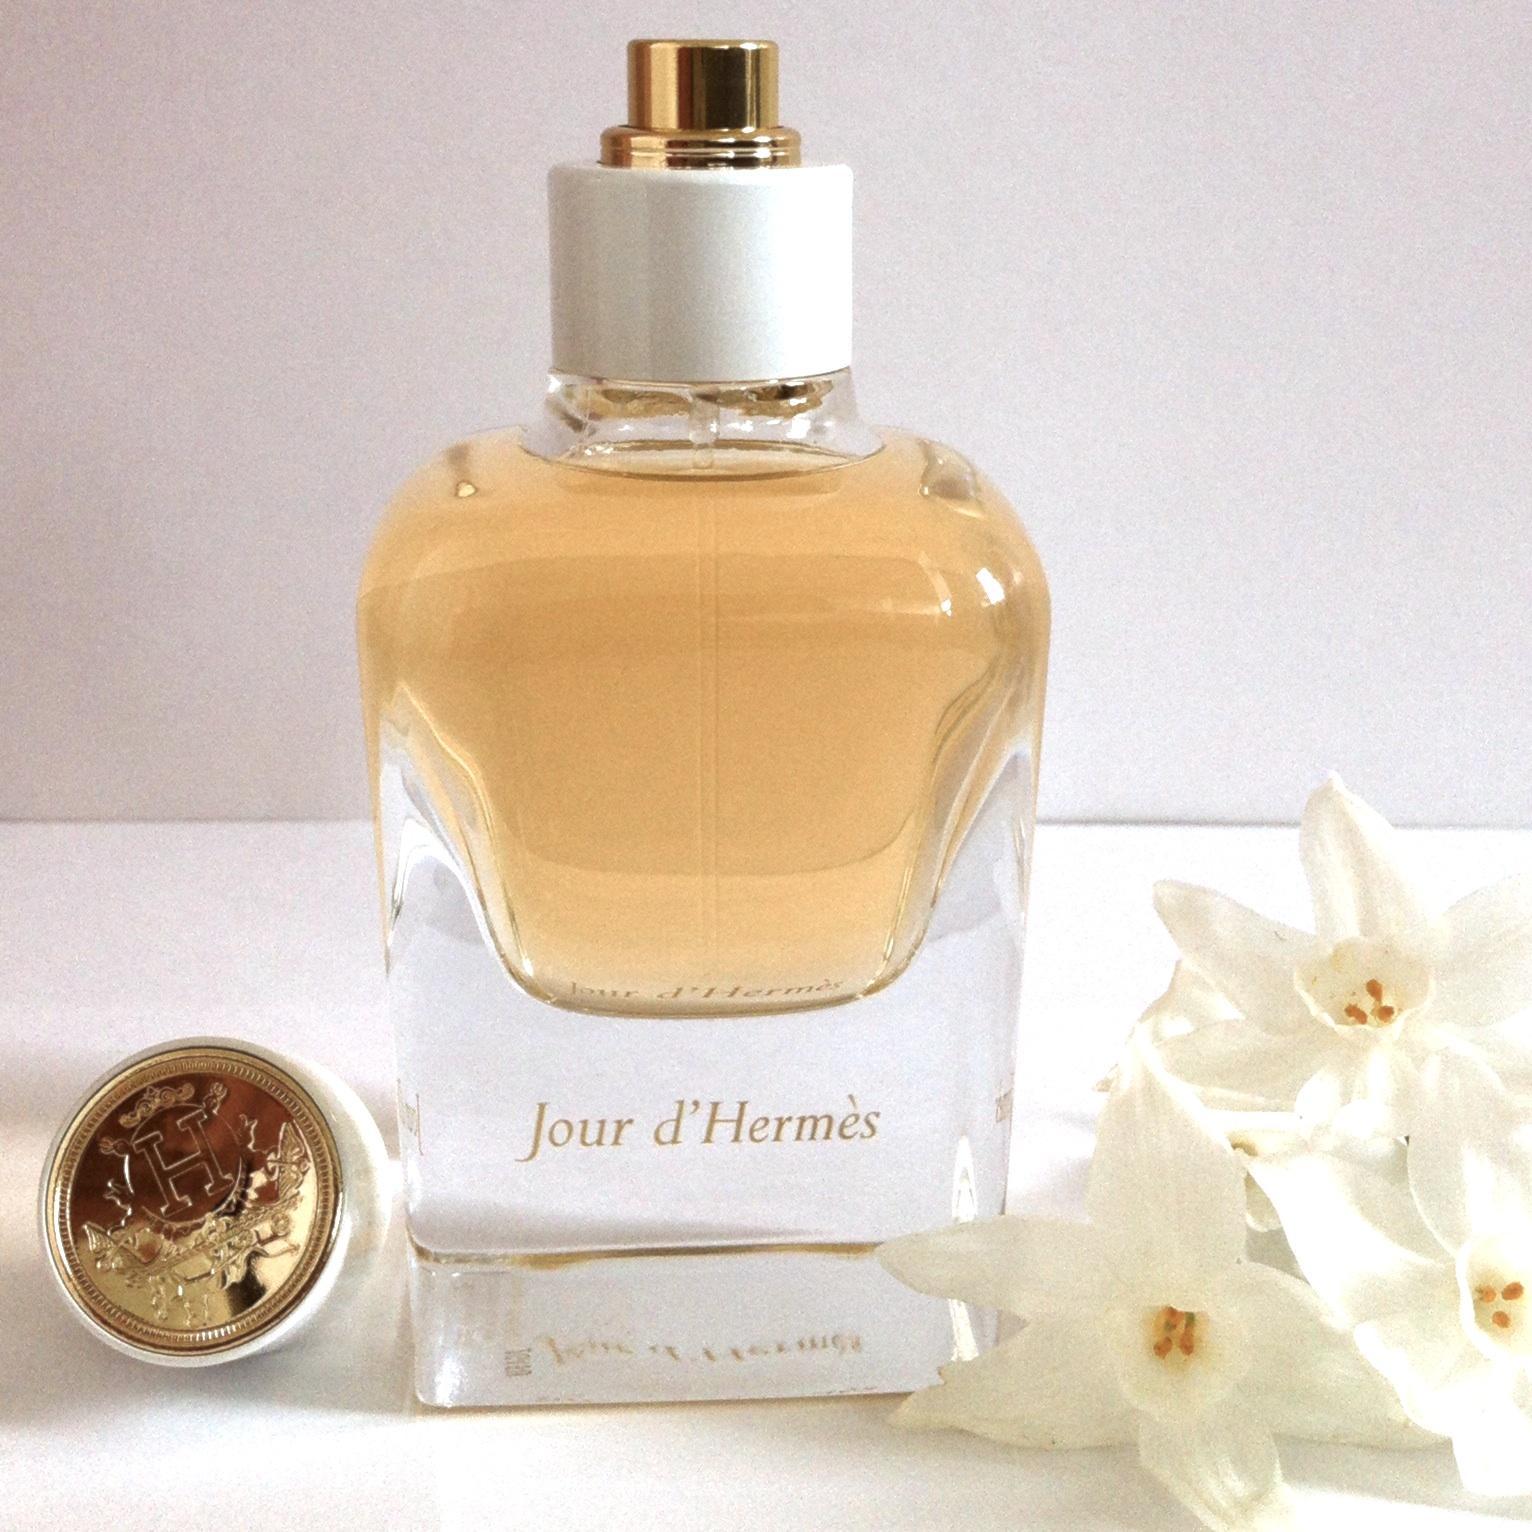 Parfum Wanita Jour D Hermes Hermes Original Asli Eropa - Parfum Wanita Elegan Terbaik Aroma Flowery